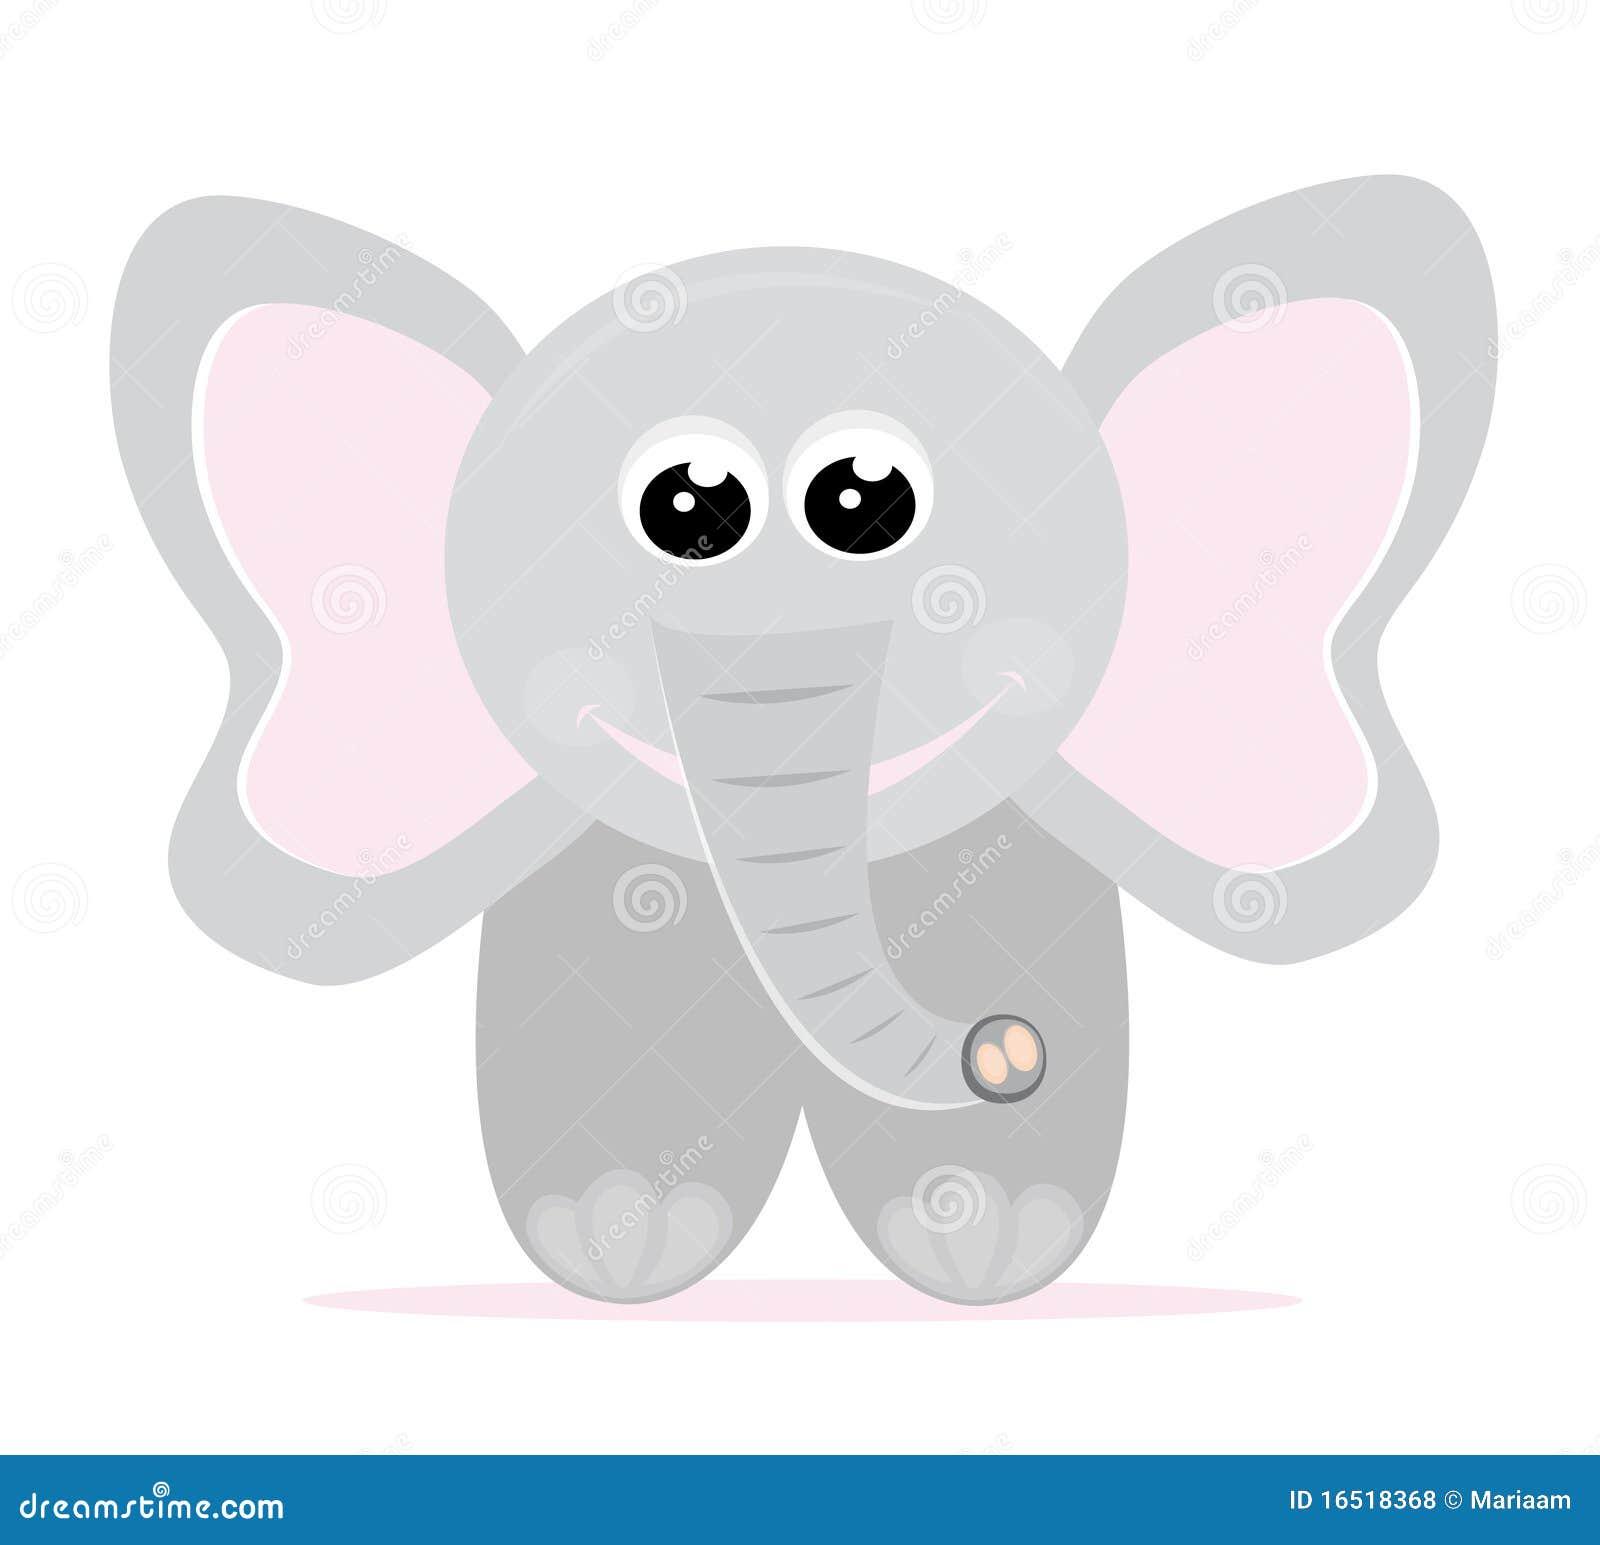 Baby Elephant Cartoon Royalty Free Stock Photos Image